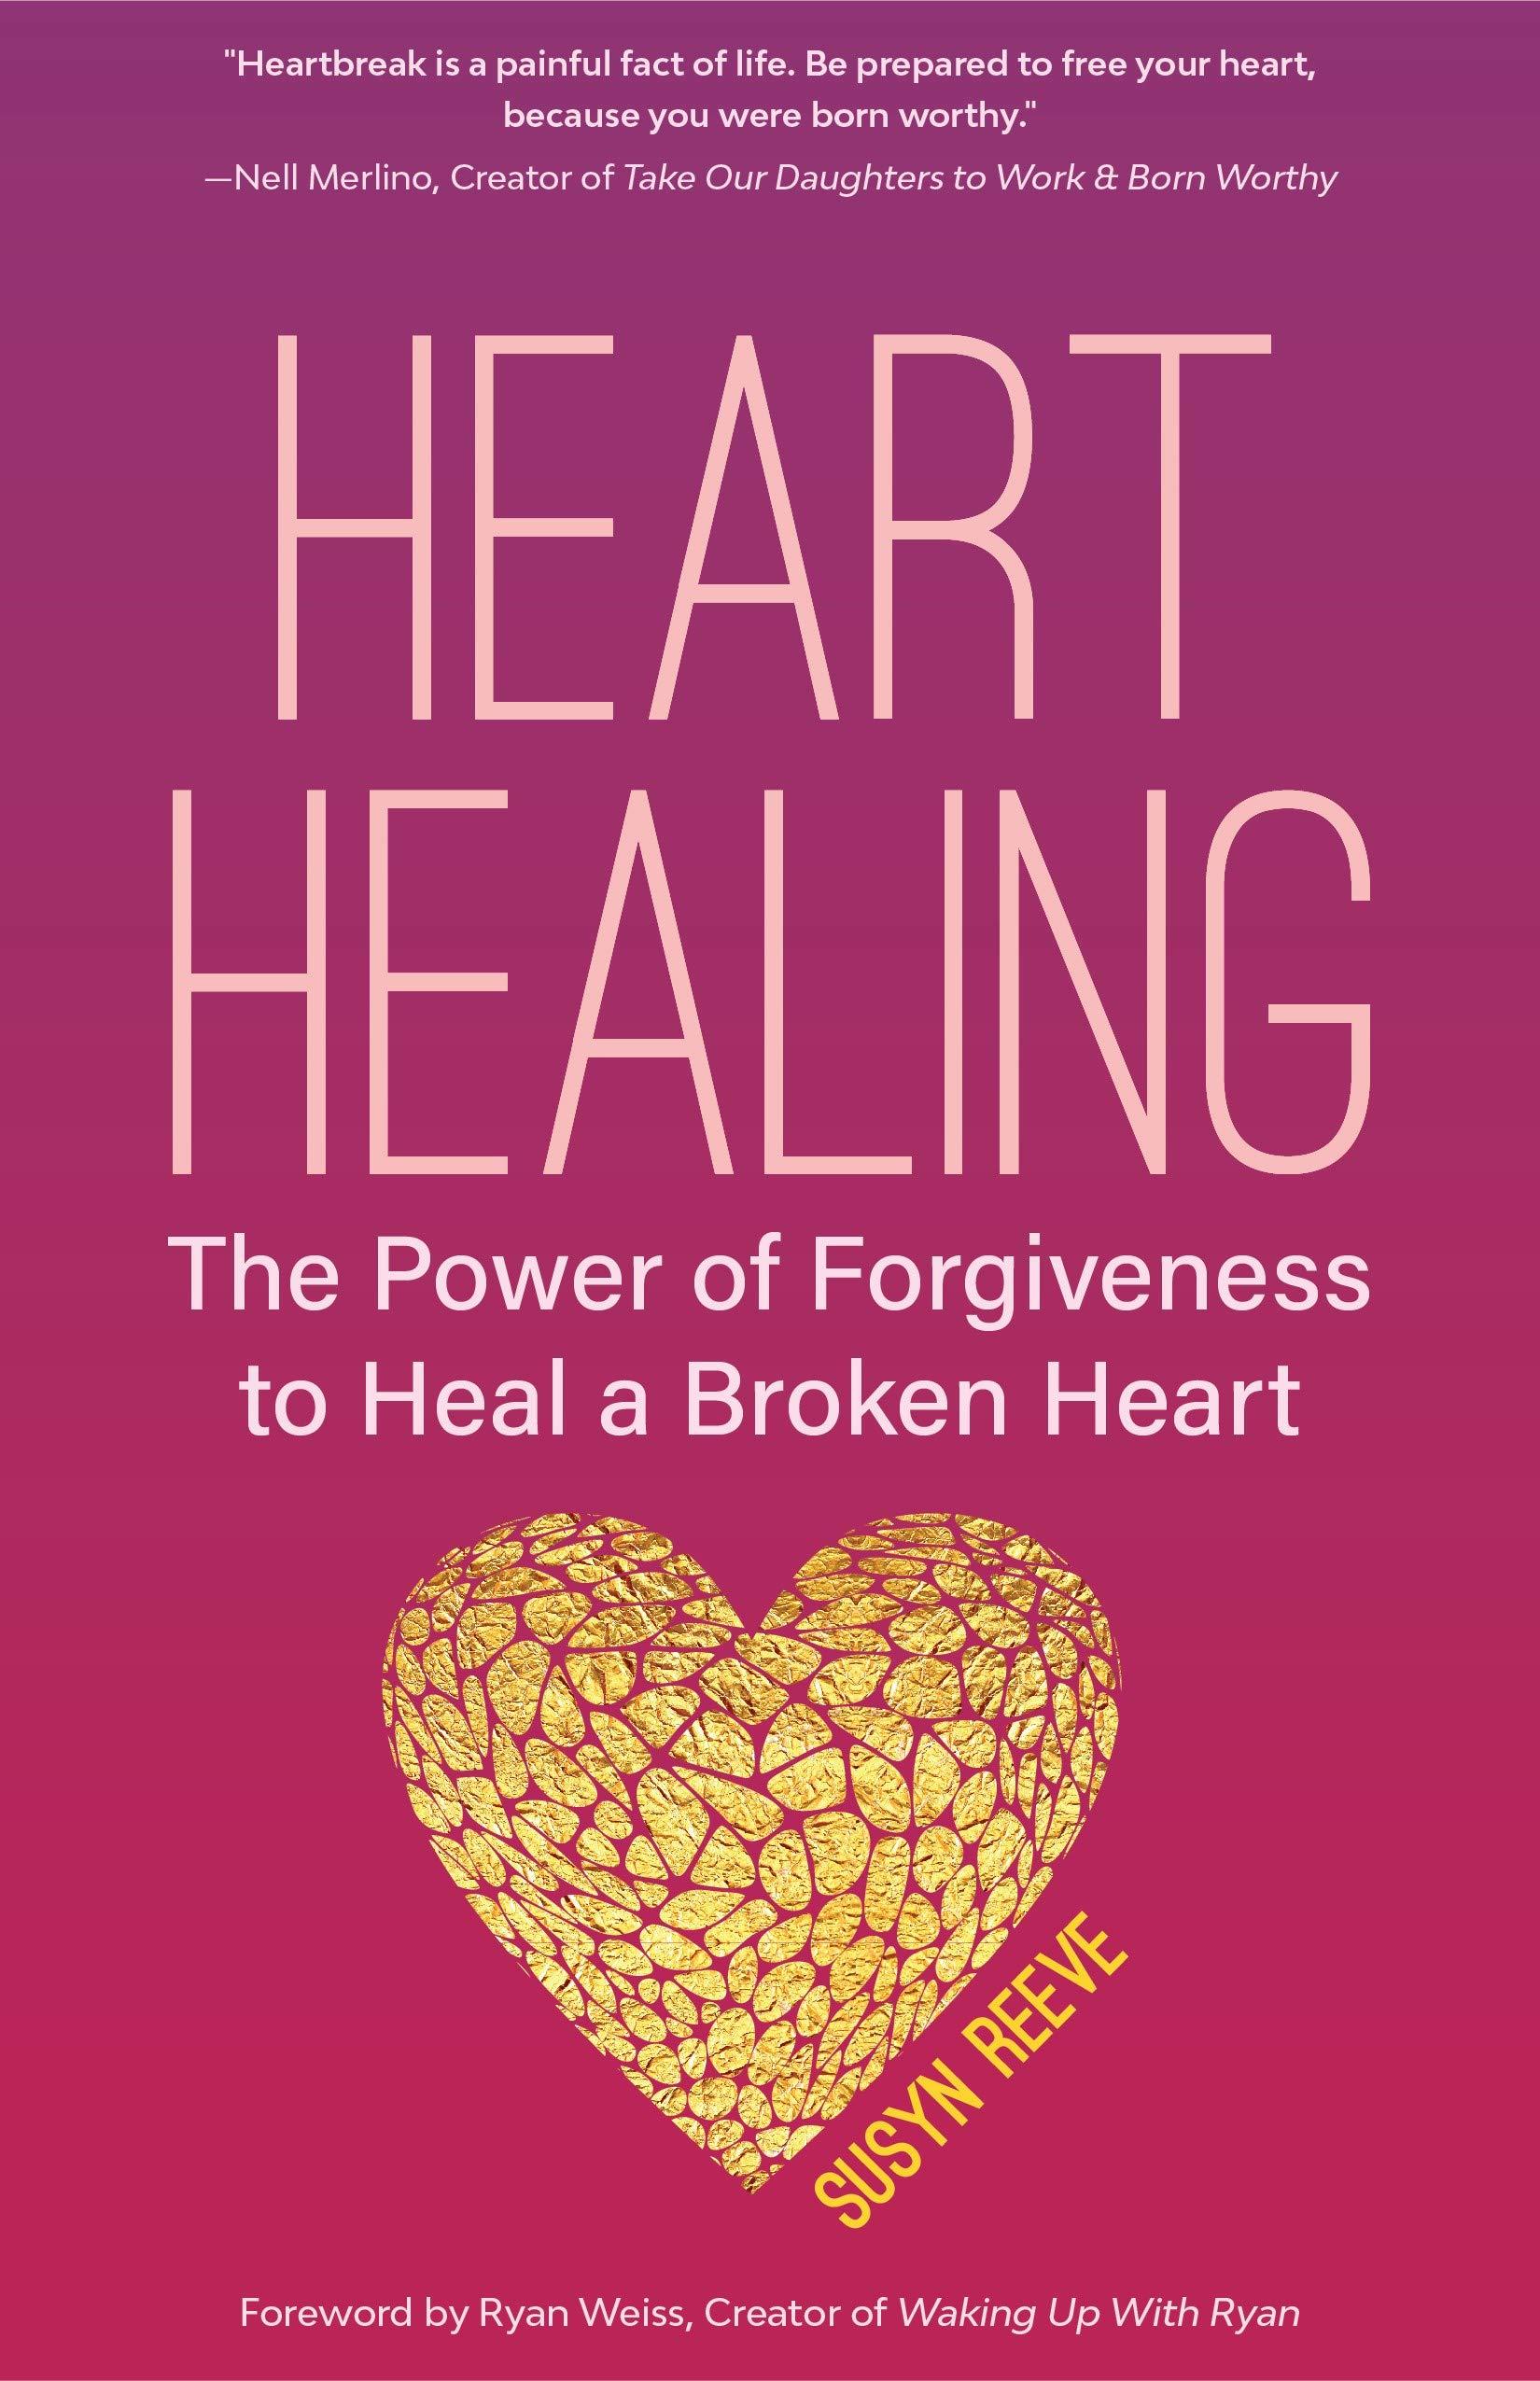 Heart Healing: The Power of Forgiveness to Heal a Broken